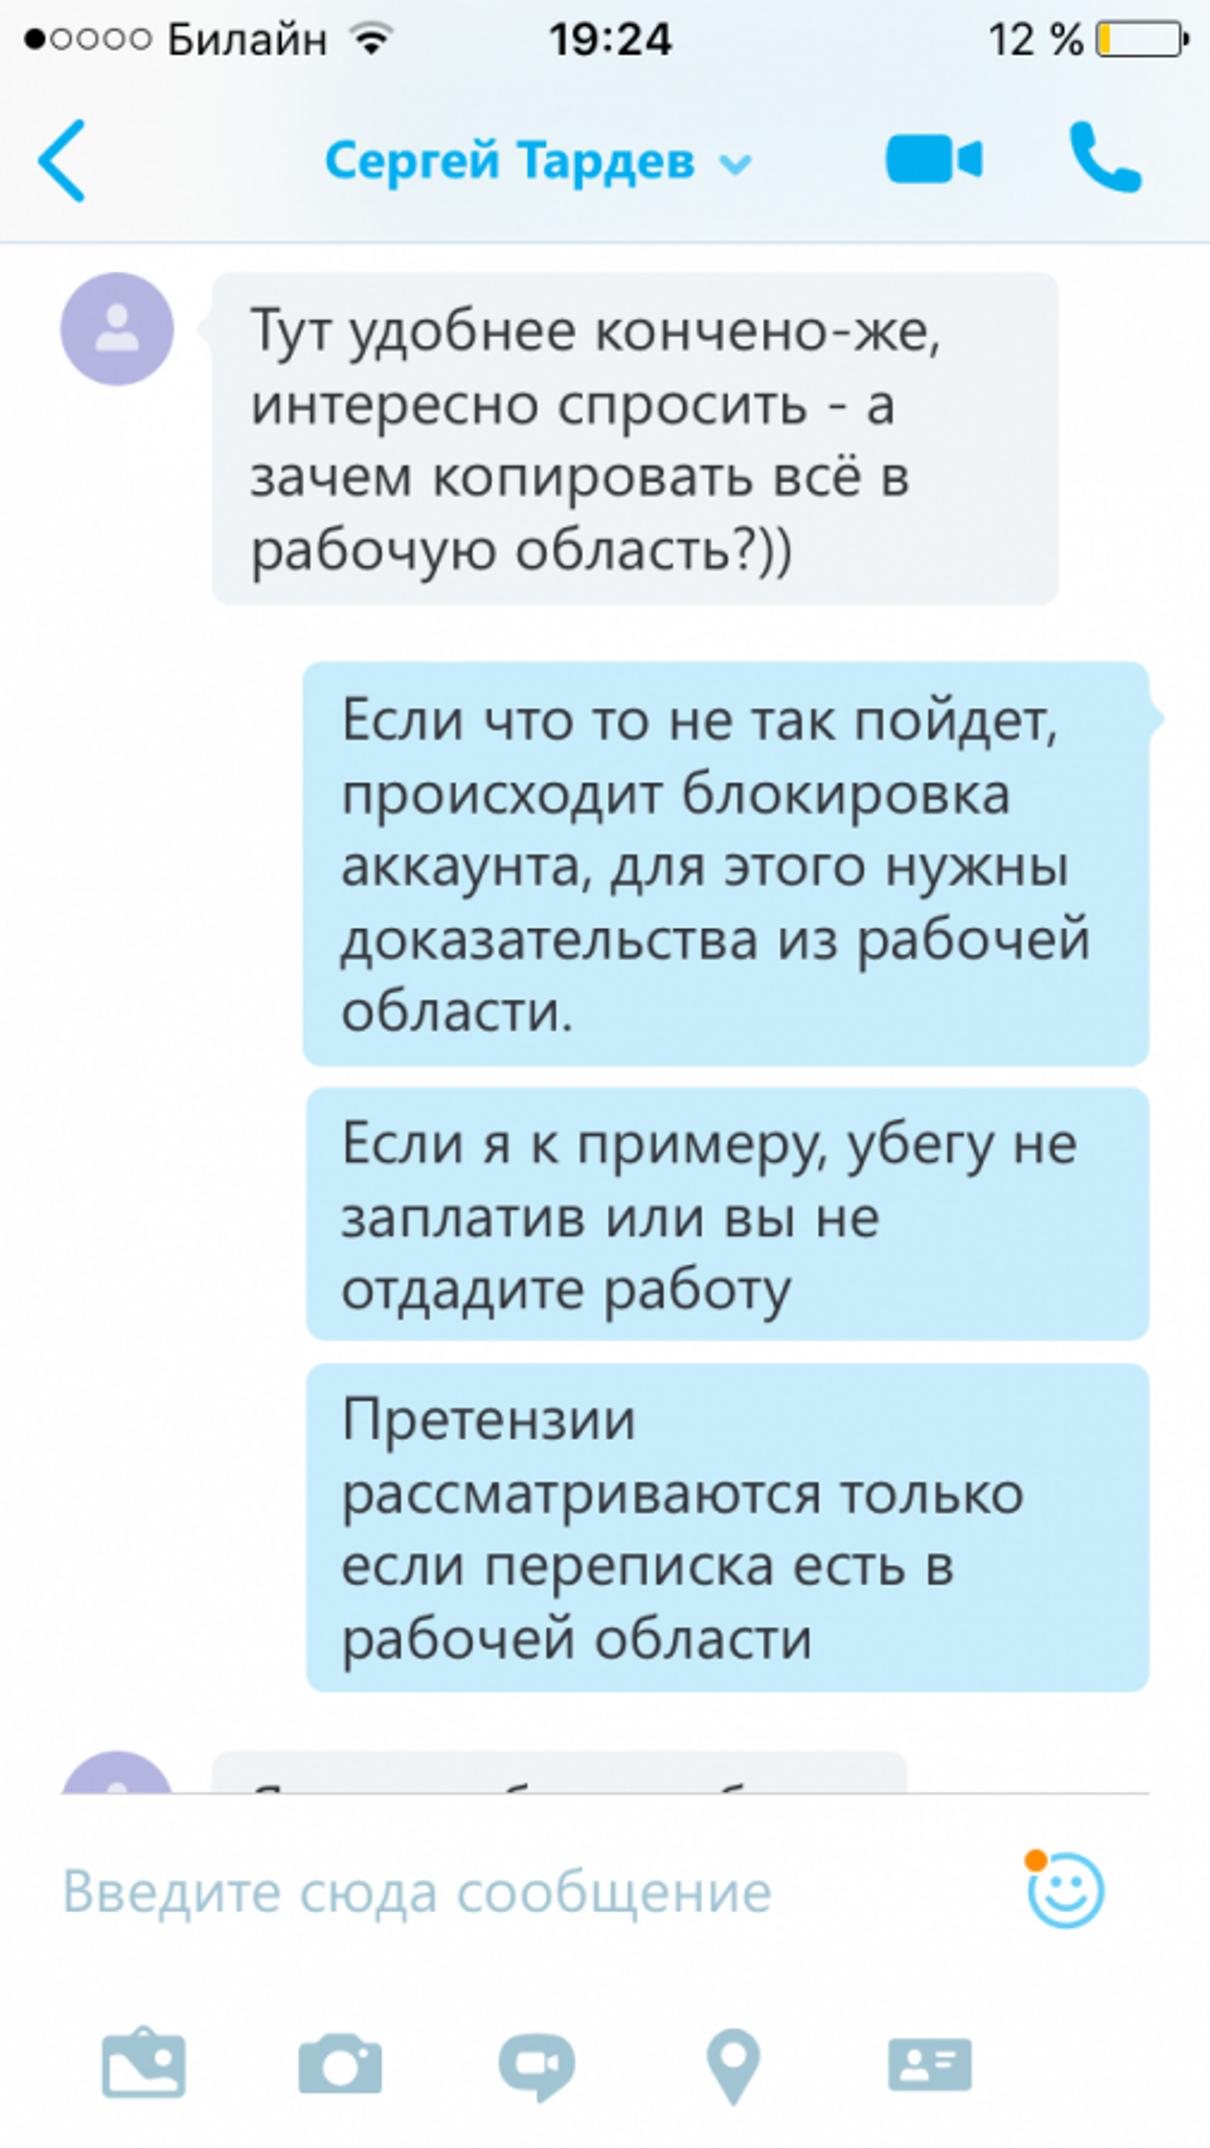 Жалоба-отзыв: Сергей Тардев - Мошенник по созданию сайтов, фрилансер, номер телефона 79515473297, скайп webtardev.  Фото №2